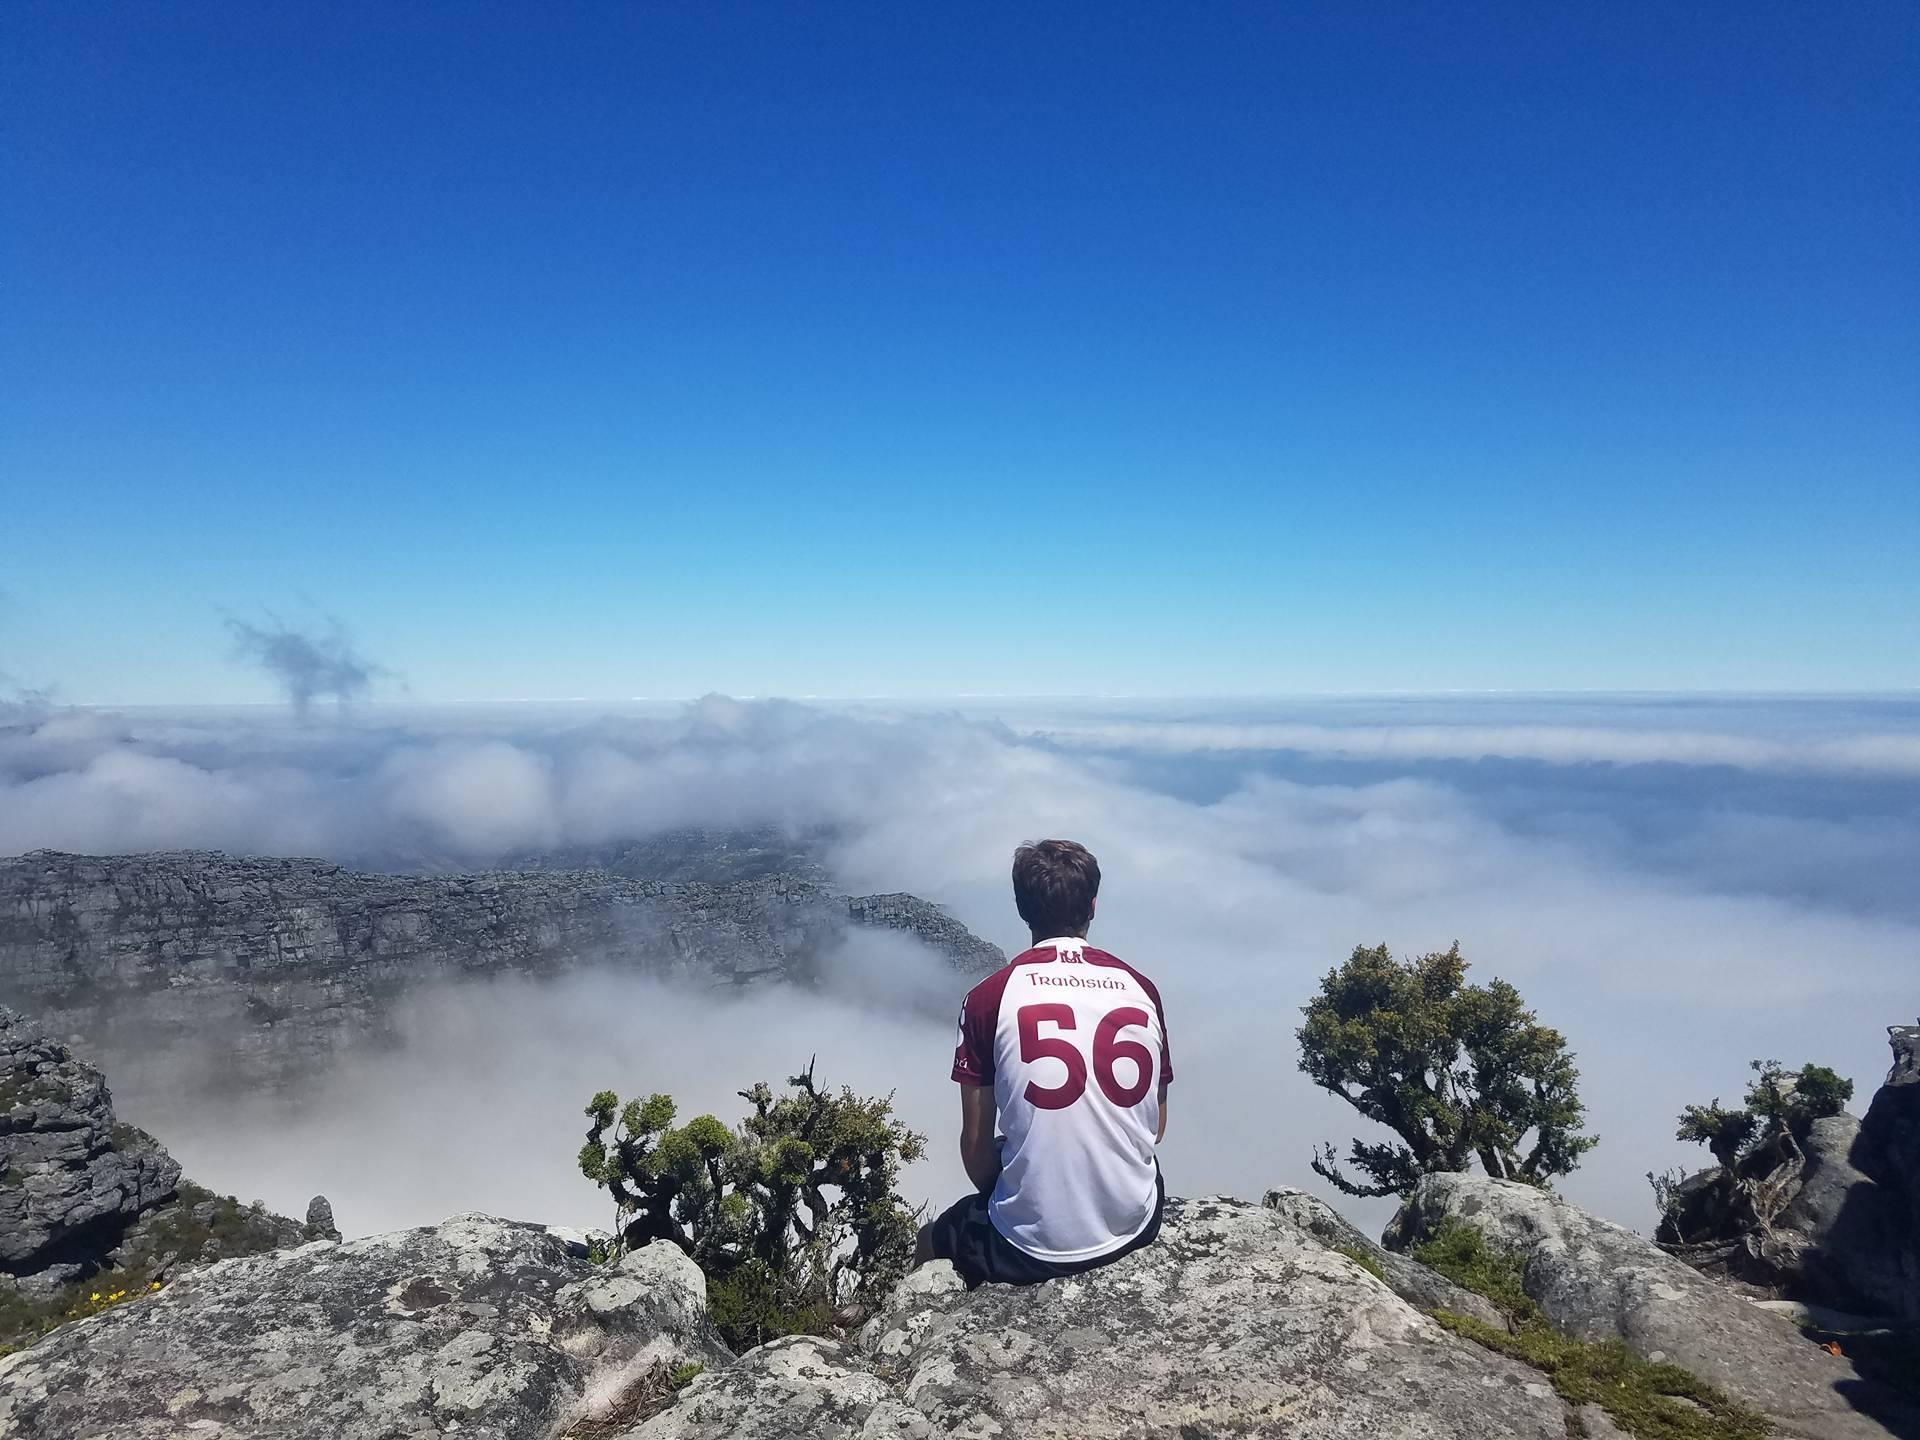 mcauliffe_Table mountain